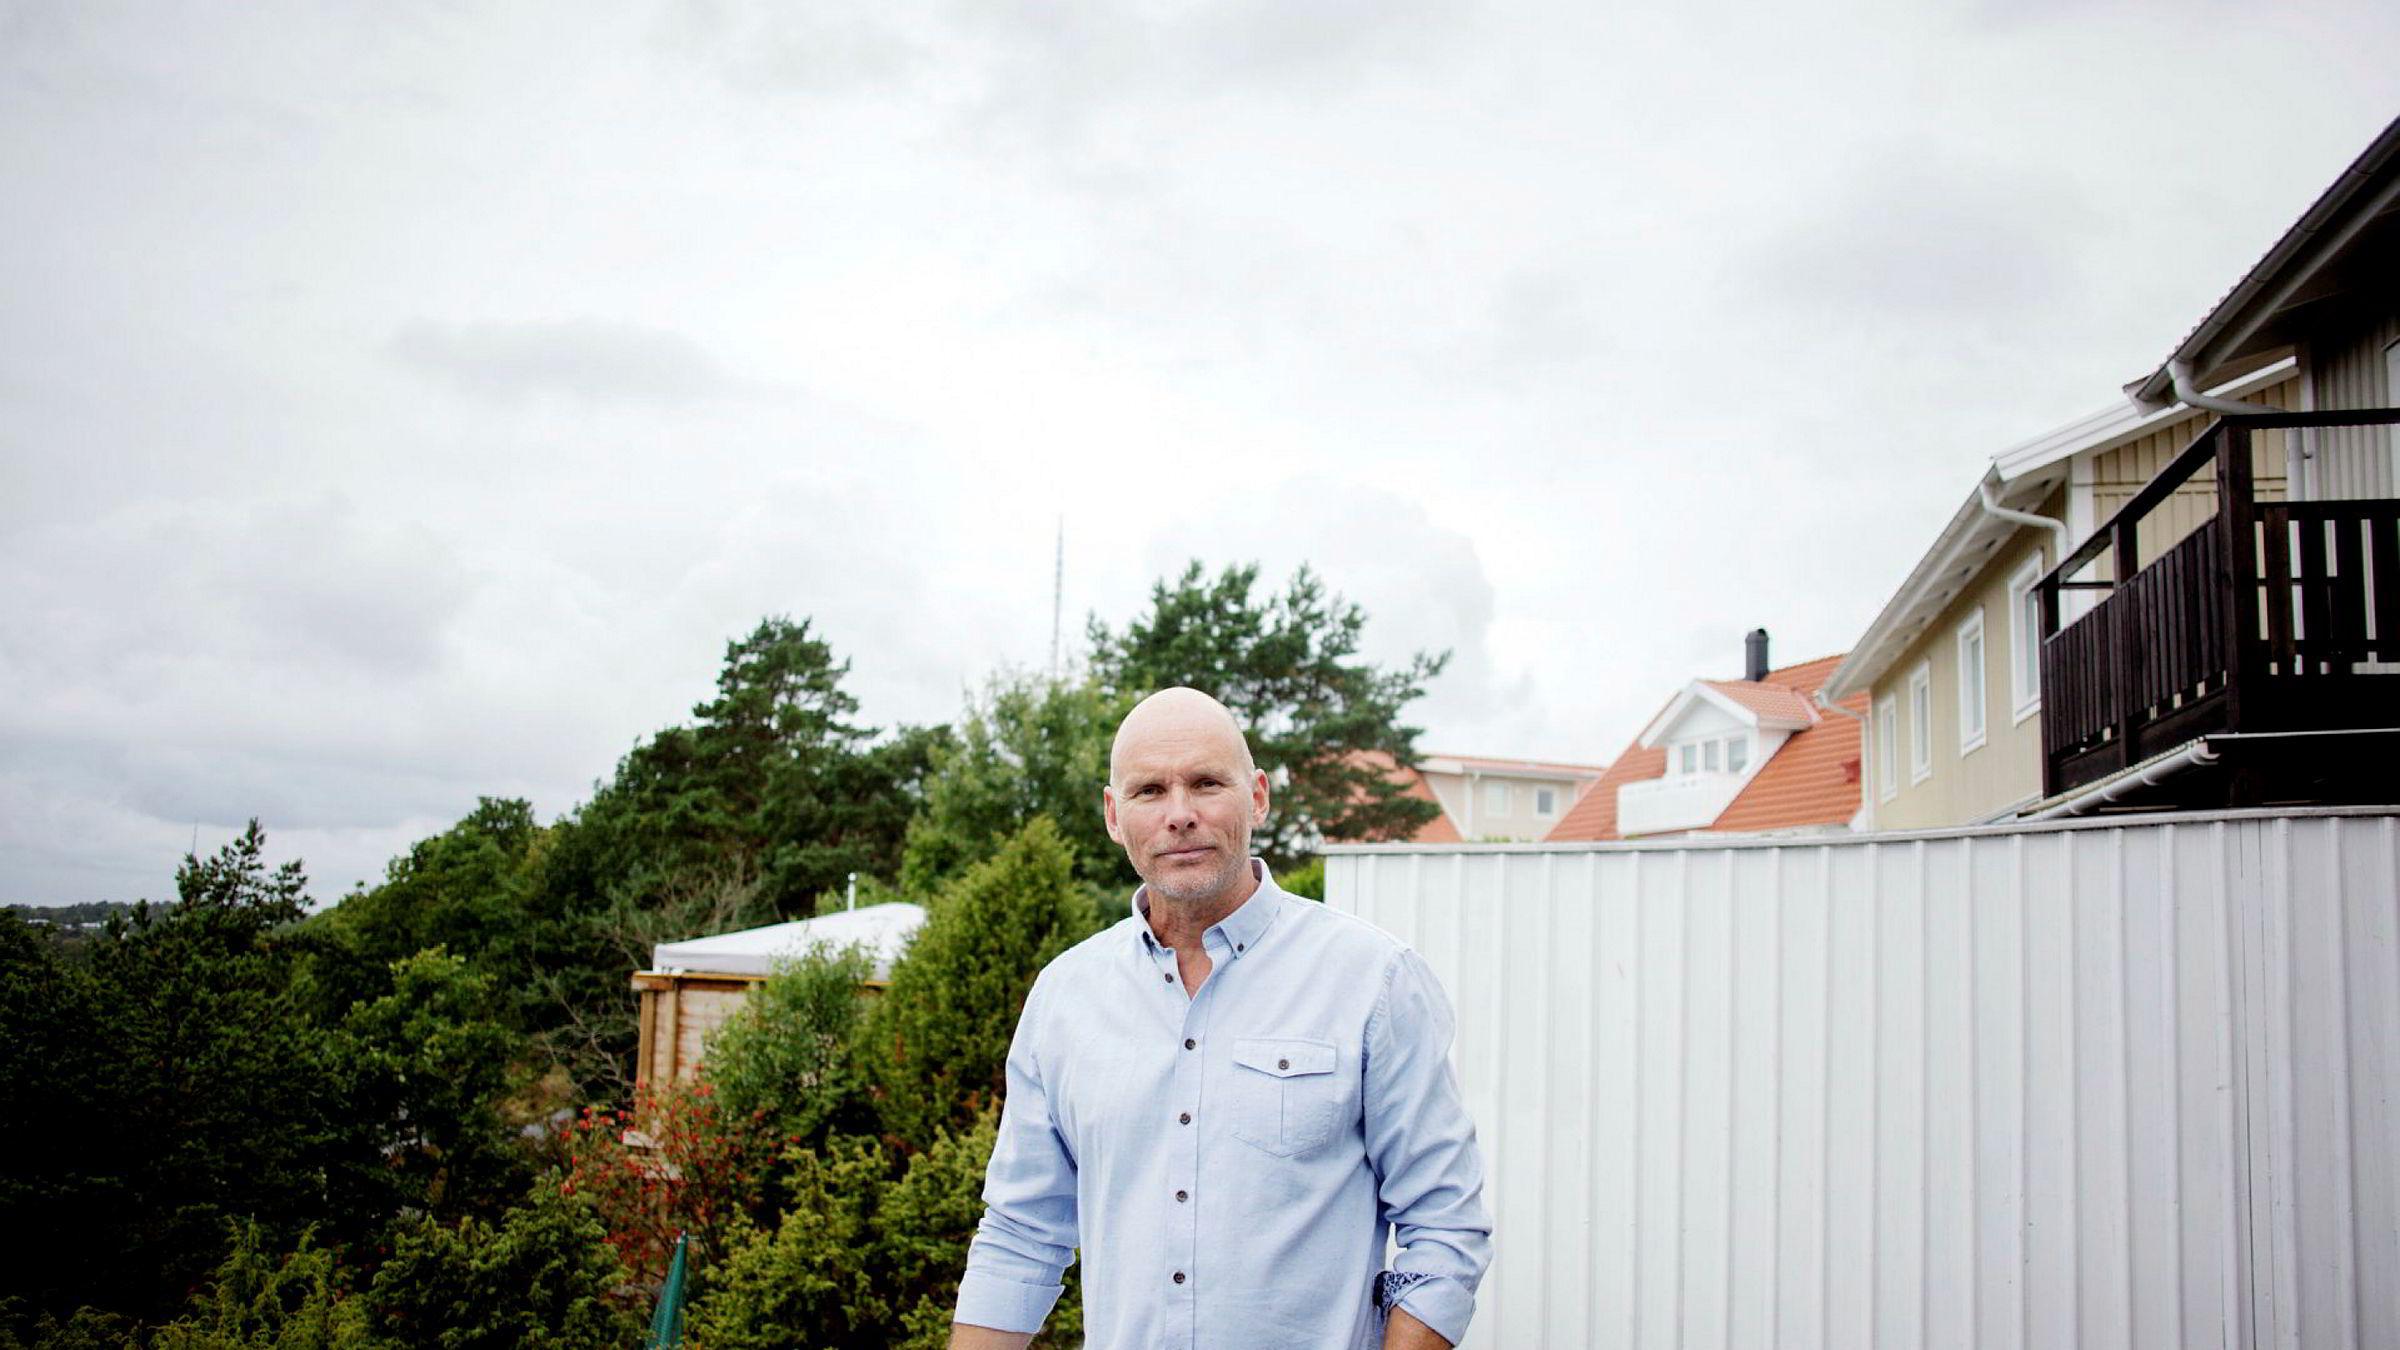 Roger Nymo har prøvd å få til et aksjonæropprør mot Oceanteam og har krevd offentlig granskning.